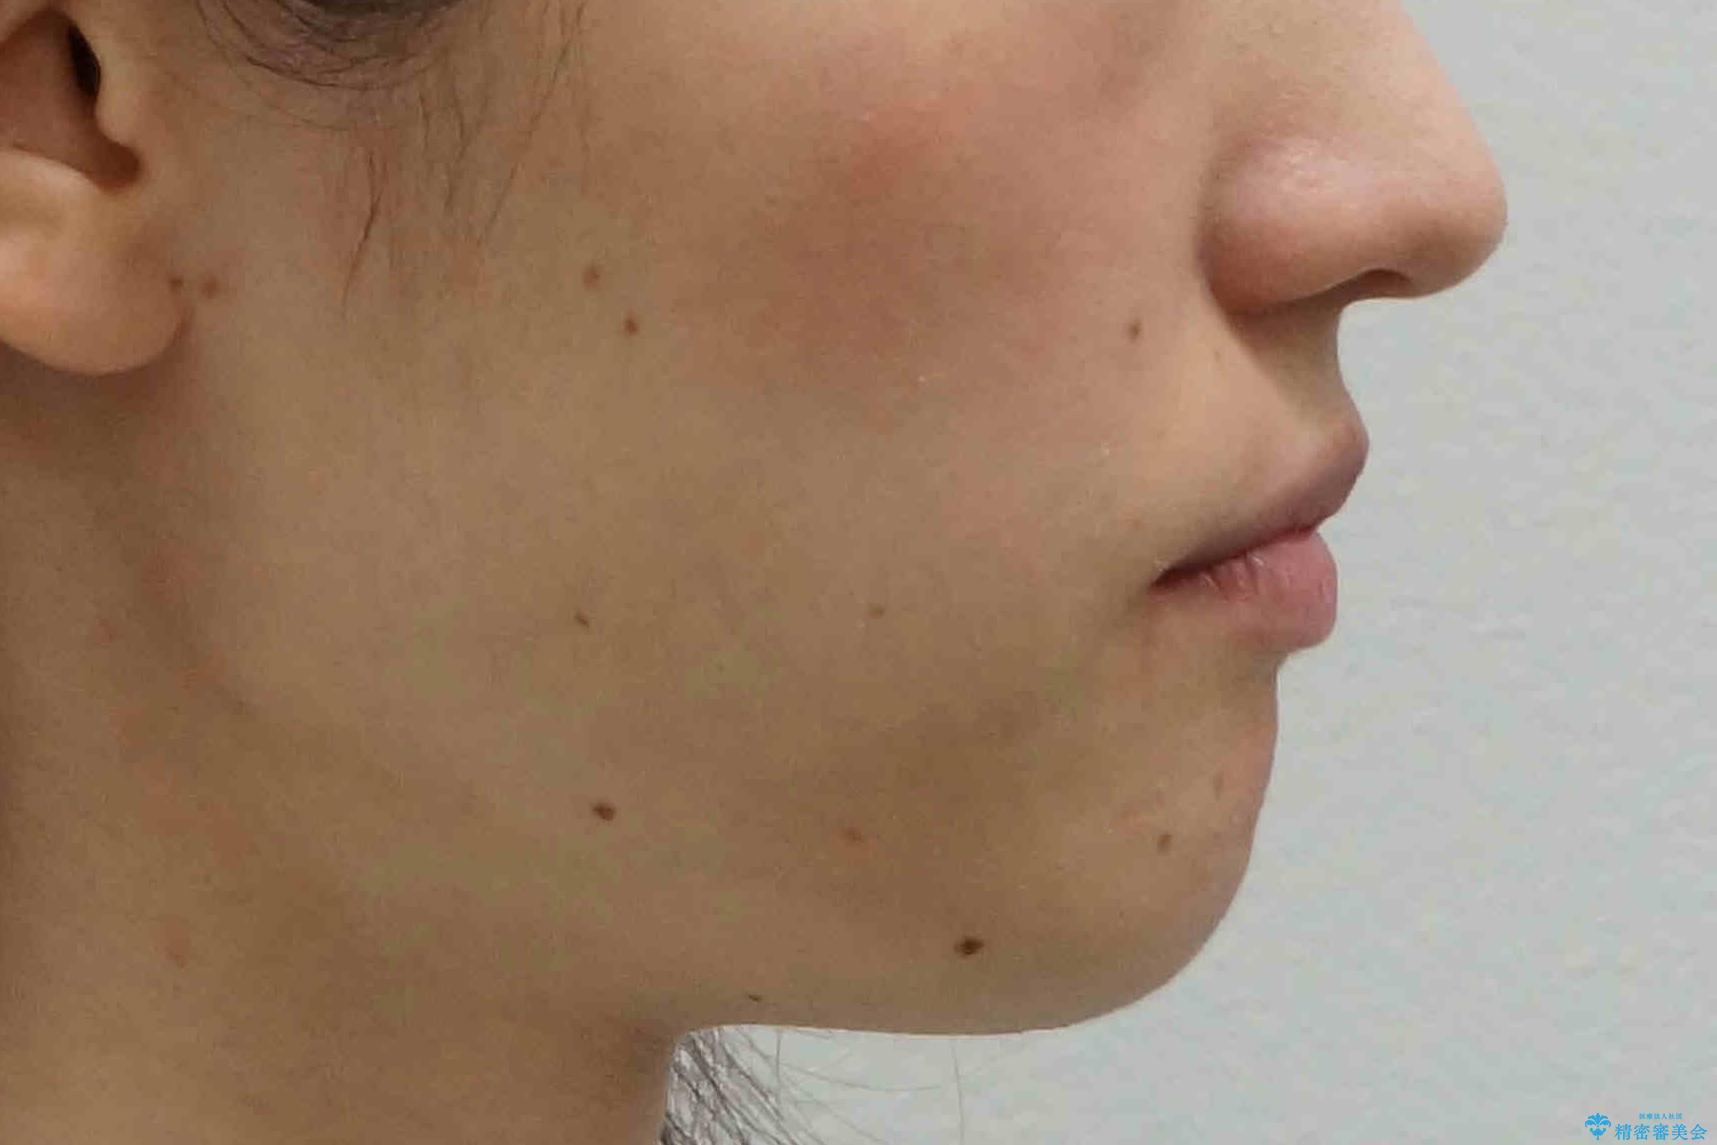 抜かない、削らない矯正 大人も上顎を骨から広げますの治療後(顔貌)